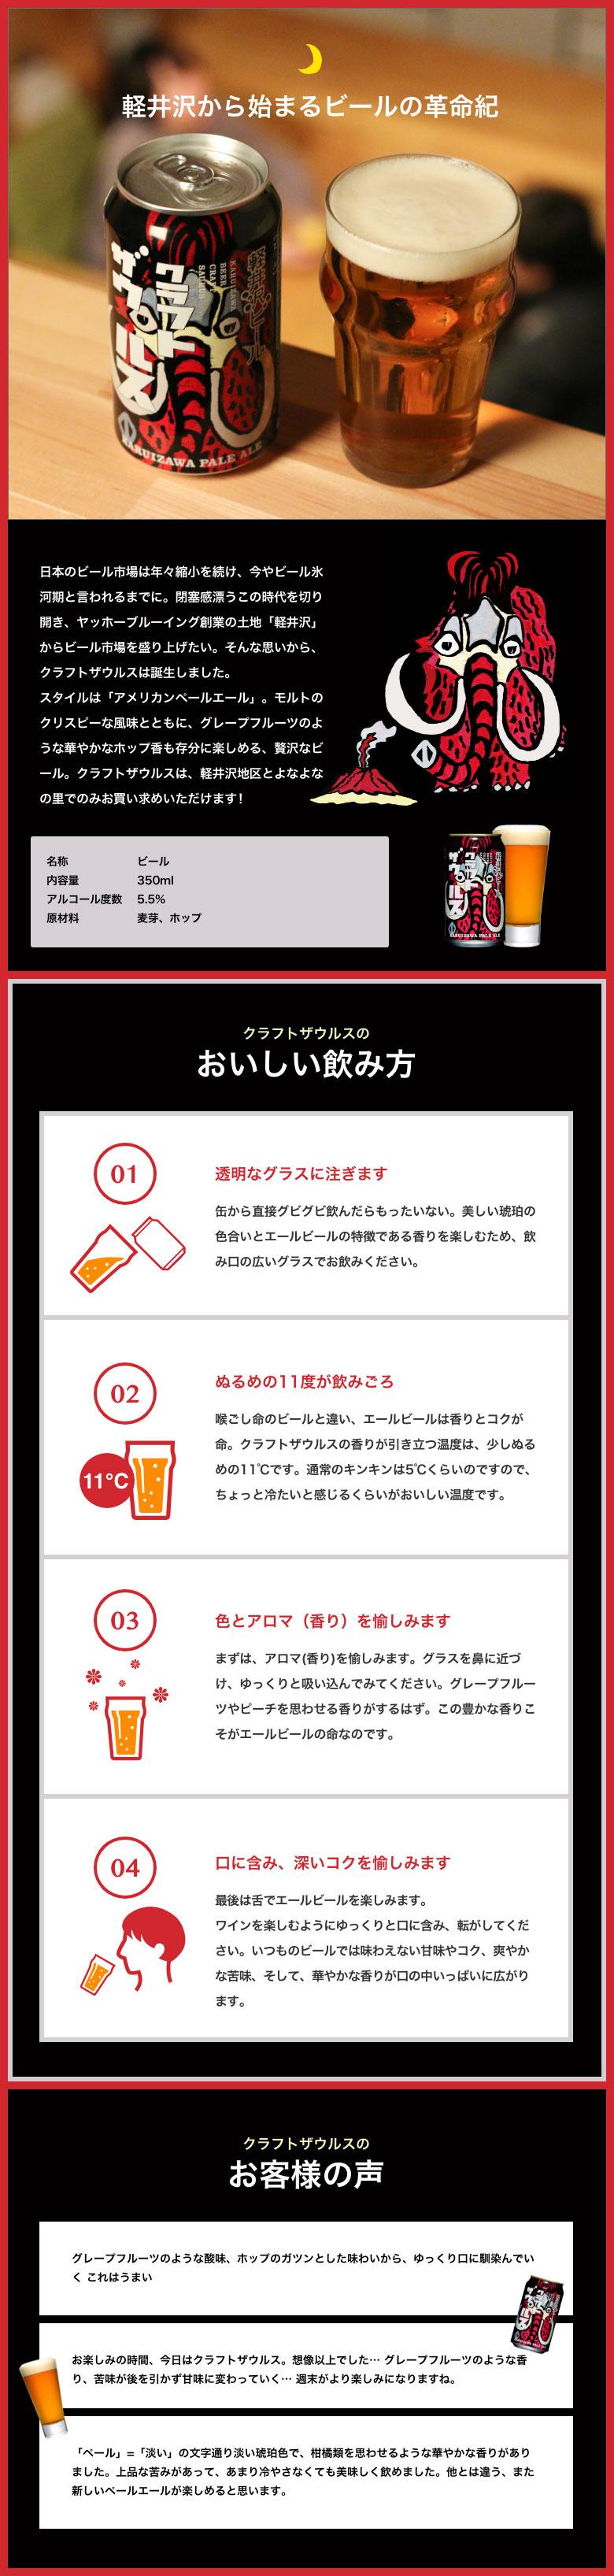 軽井沢ビールクラフトザウルスペールエール 商品説明